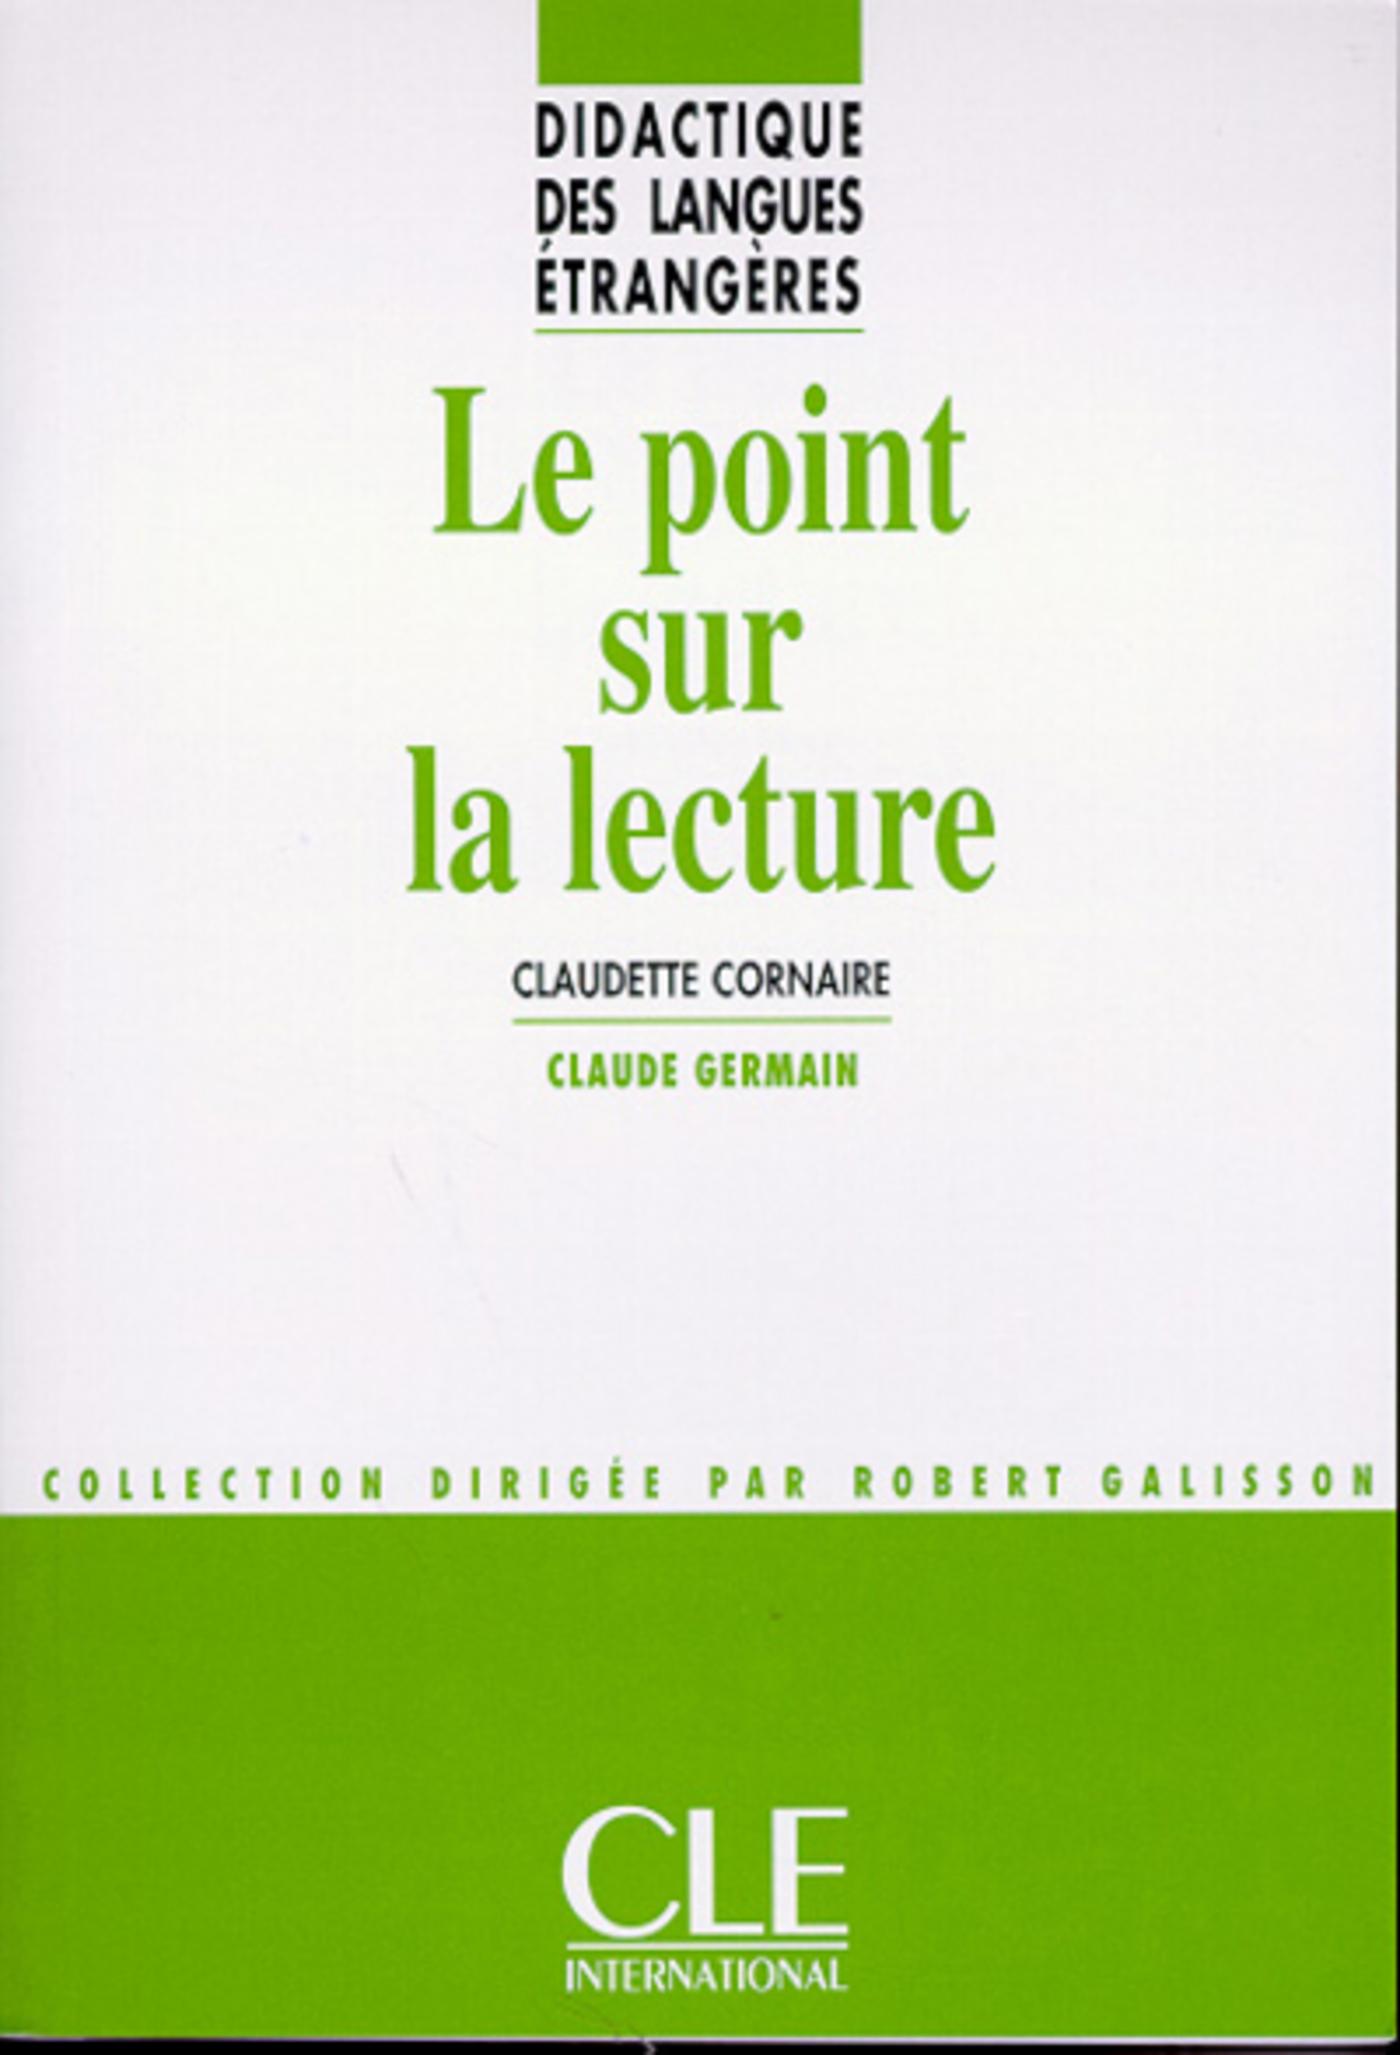 Le point sur la lecture - Didactique des langues étrangères - Ebook (ebook)